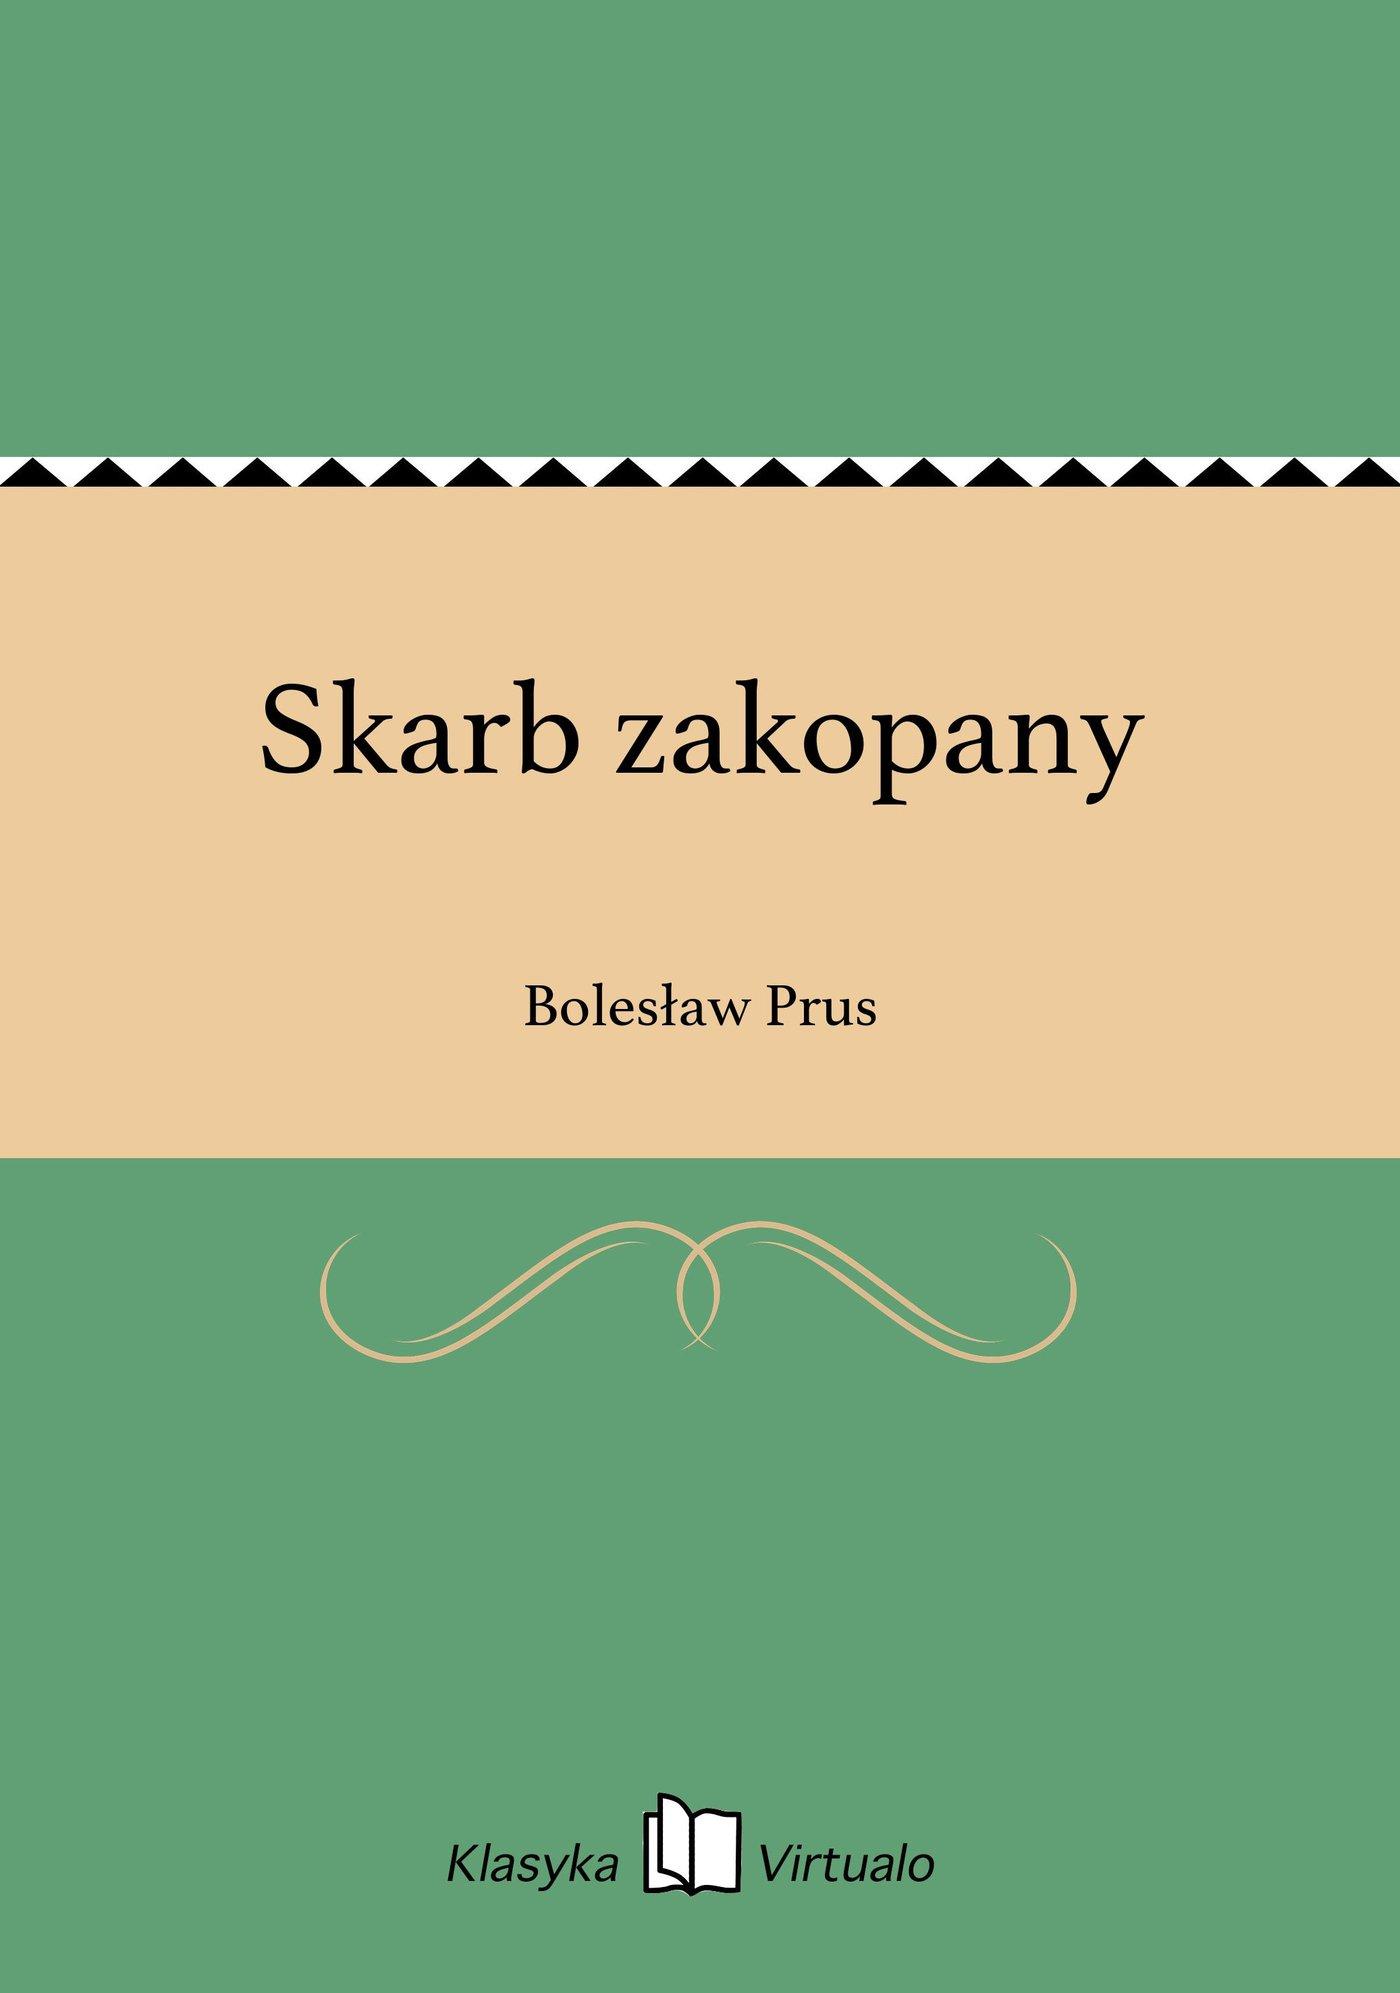 Skarb zakopany - Ebook (Książka EPUB) do pobrania w formacie EPUB